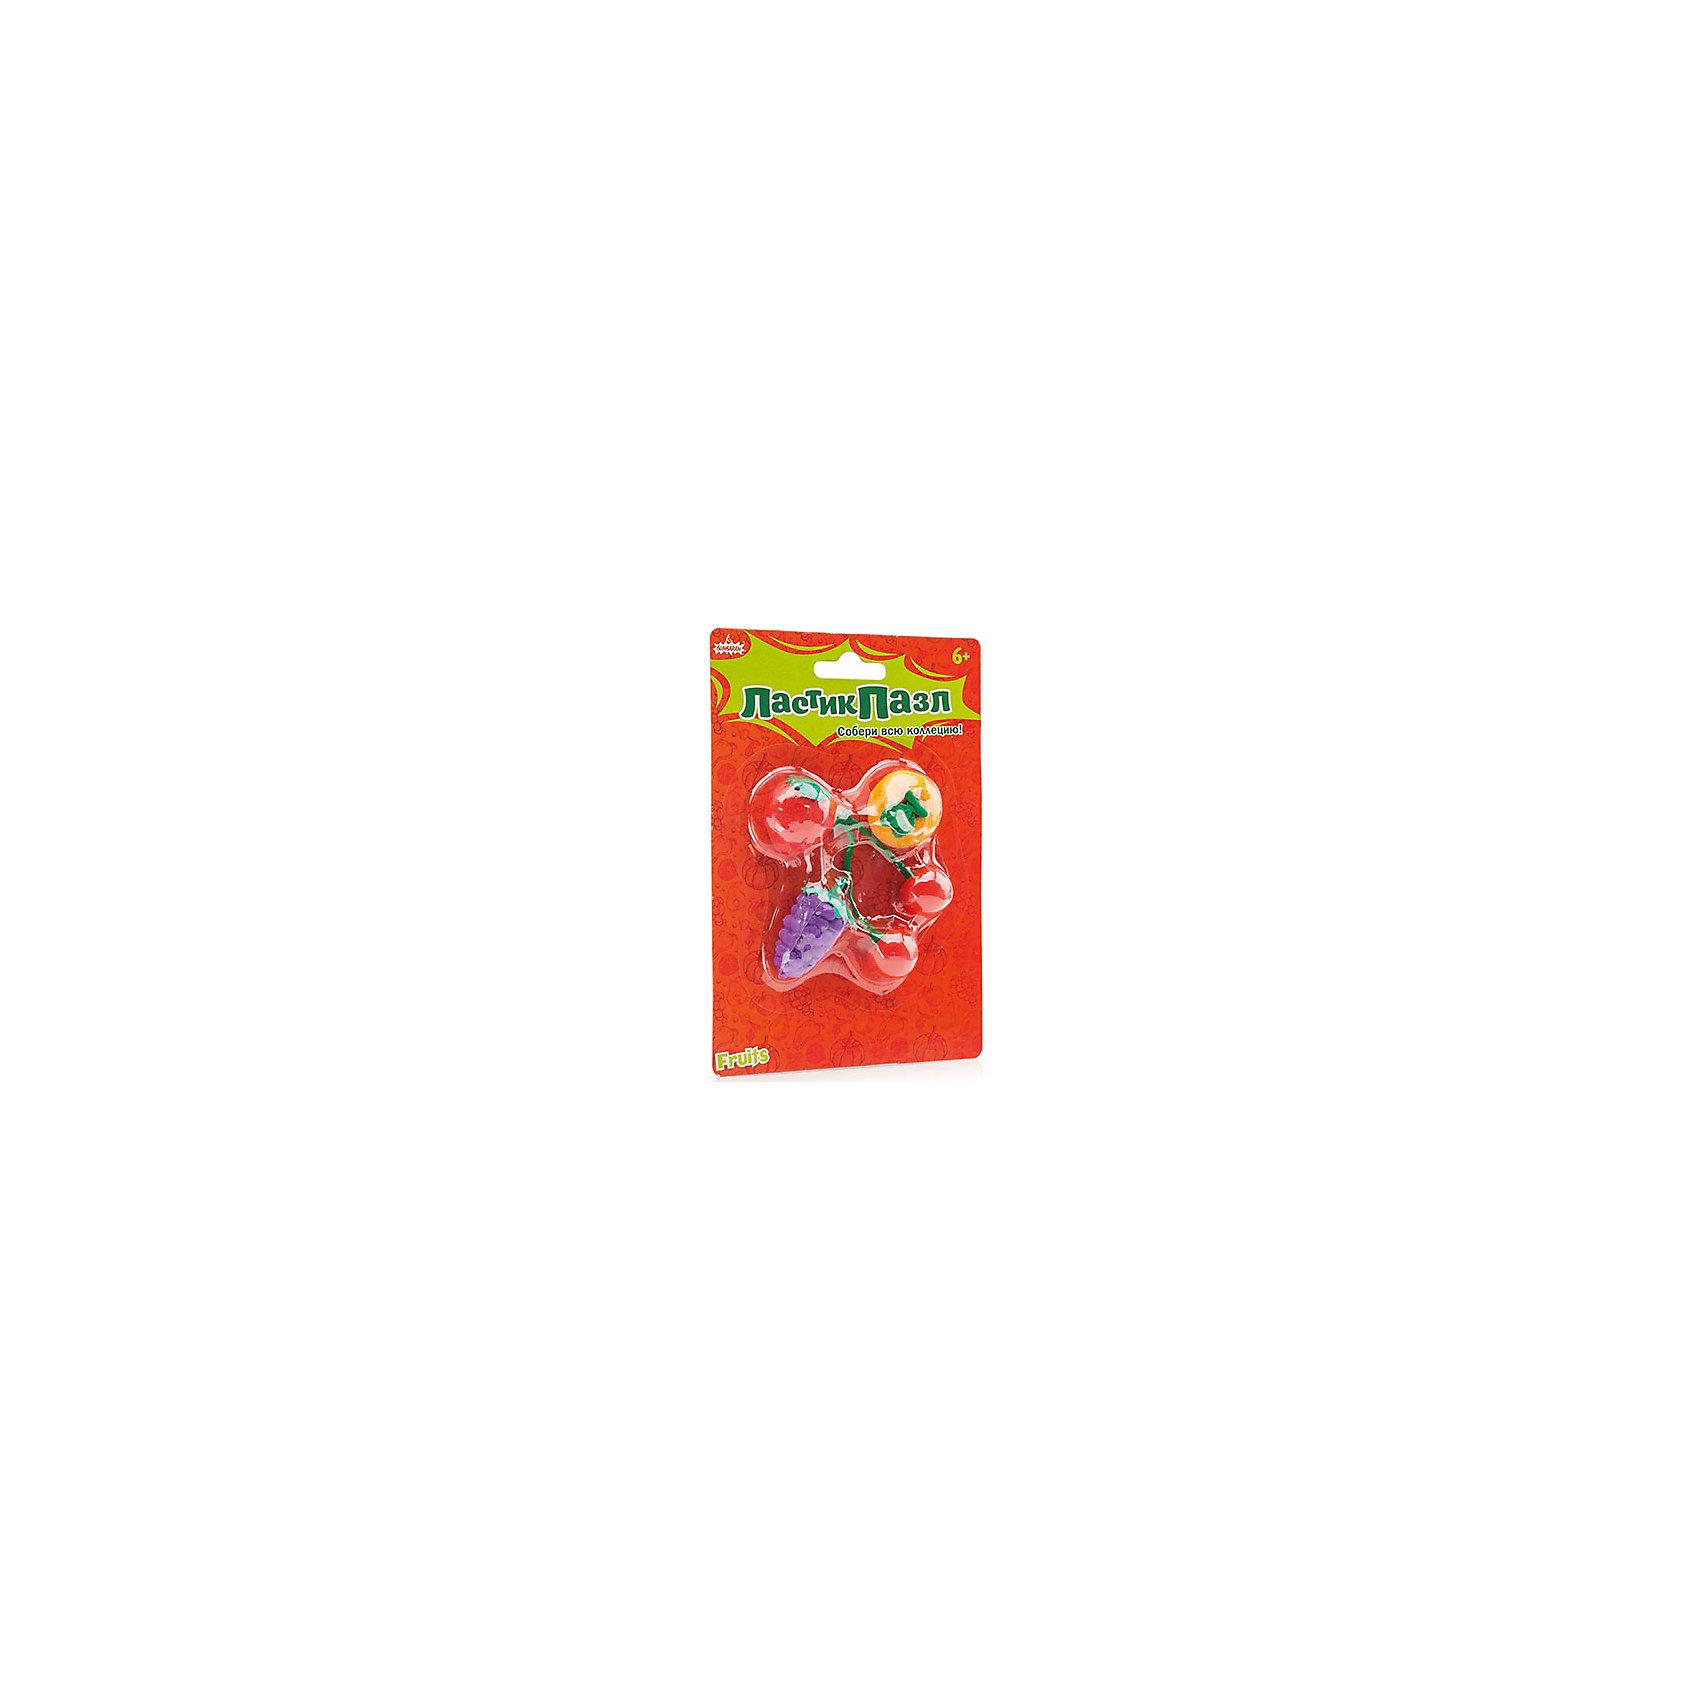 Набор Ластик-пазл - Фрукты БумбарамНабор Ластики - пазлы на блистере Фрукты, Бумбарам.<br><br>Характеристики:<br><br>• качественный ластик<br>• каждый ластик состоит из нескольких пазлов<br>• развивает внимательность, усидчивость и мелкую моторику<br>• яркий дизайн<br>• материал: резина<br>• размер фигурок: 3-4 см<br>• размер упаковки: 13,5х9,5 см<br>• вес: 85 грамм<br><br>Ластики-пазлы Фрукты поможет ребенку вспомнить названия фруктов, которые ему предстоит разобрать, а затем снова собрать. В наборе 4 вида фруктов: виноград, клубника, апельсин, вишни. Этот вид игры поможет развить усидчивость, мелкую моторику и внимательность. Необычные фрукты помогут ребенку обучаться и развиваться!<br><br>Набор Ластики-пазлы на блистере Фрукты, Бумбарам можно купить в нашем интернет-магазине.<br><br>Ширина мм: 135<br>Глубина мм: 95<br>Высота мм: 50<br>Вес г: 85<br>Возраст от месяцев: 72<br>Возраст до месяцев: 144<br>Пол: Унисекс<br>Возраст: Детский<br>SKU: 5054004